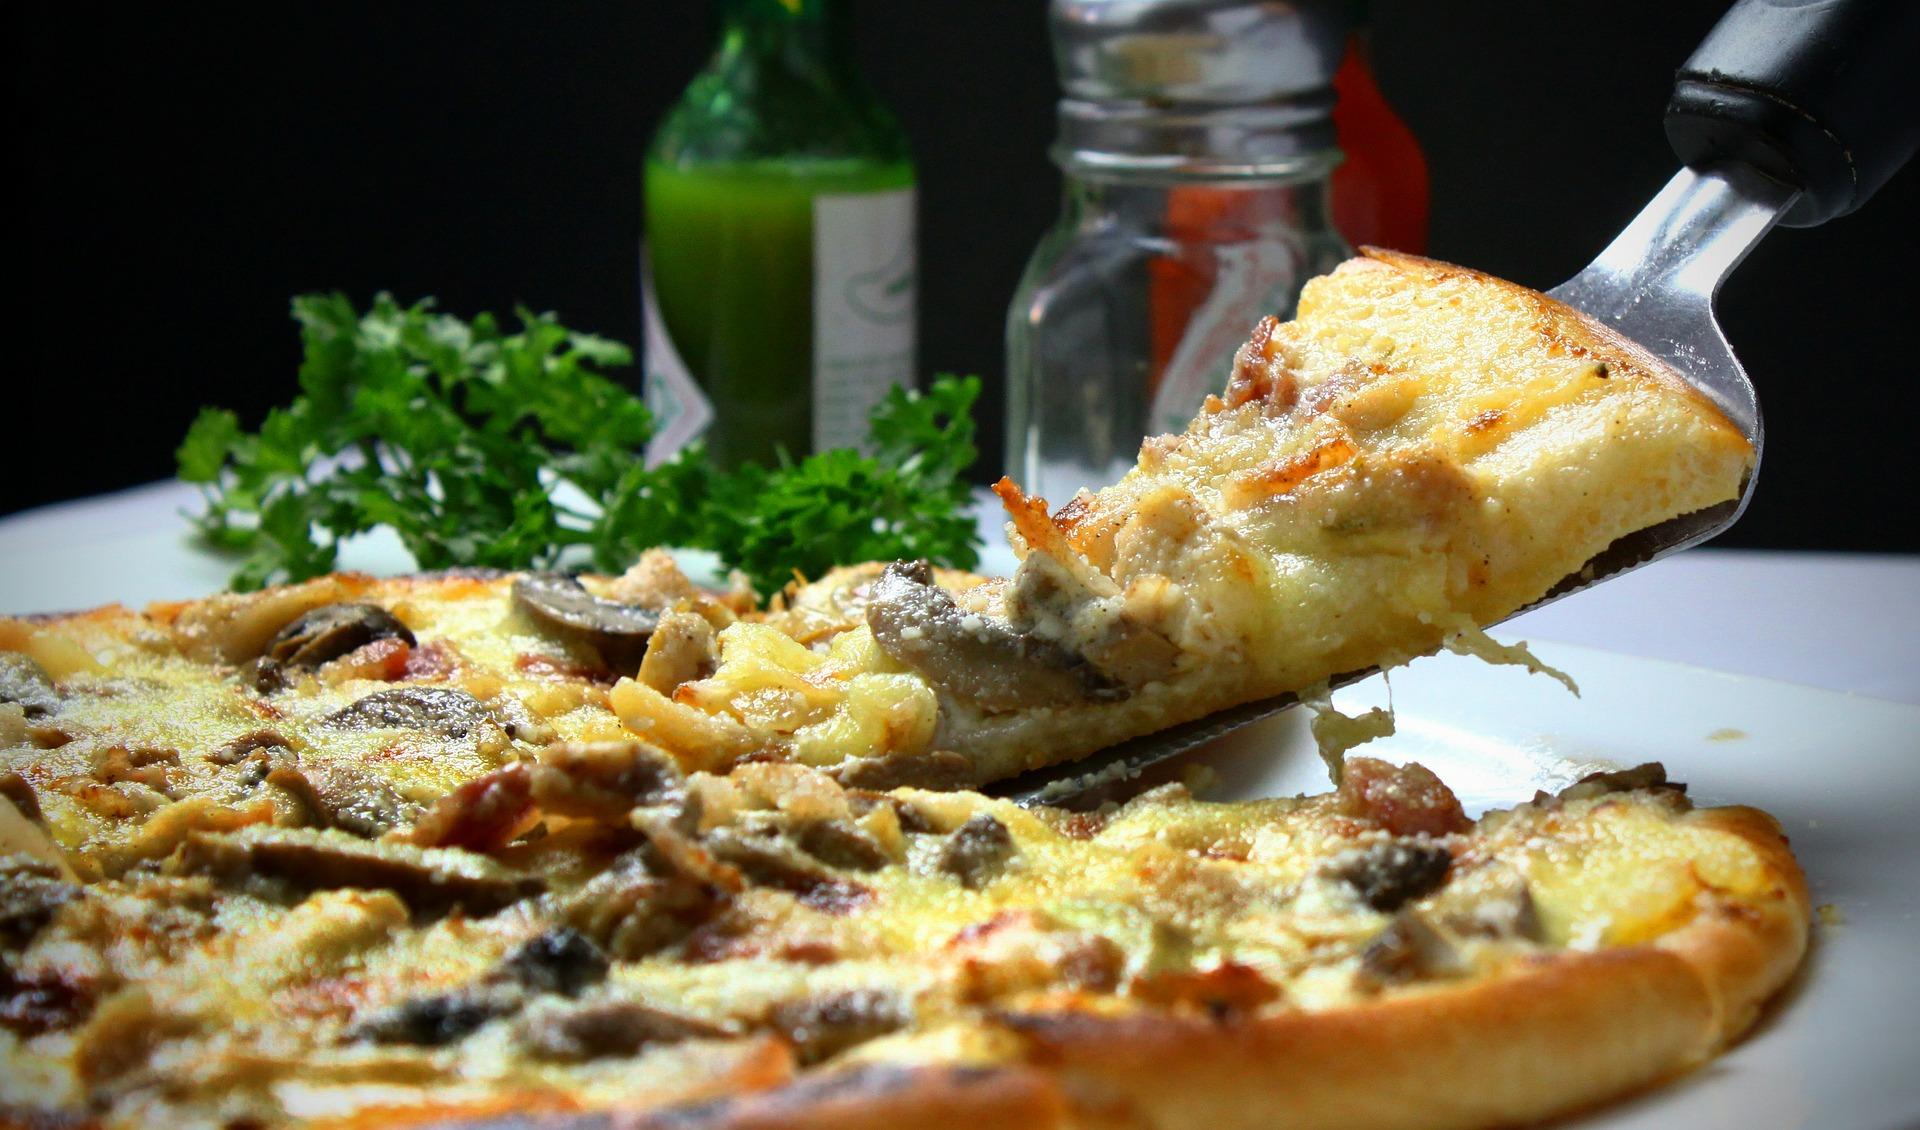 פיצה בשוהם